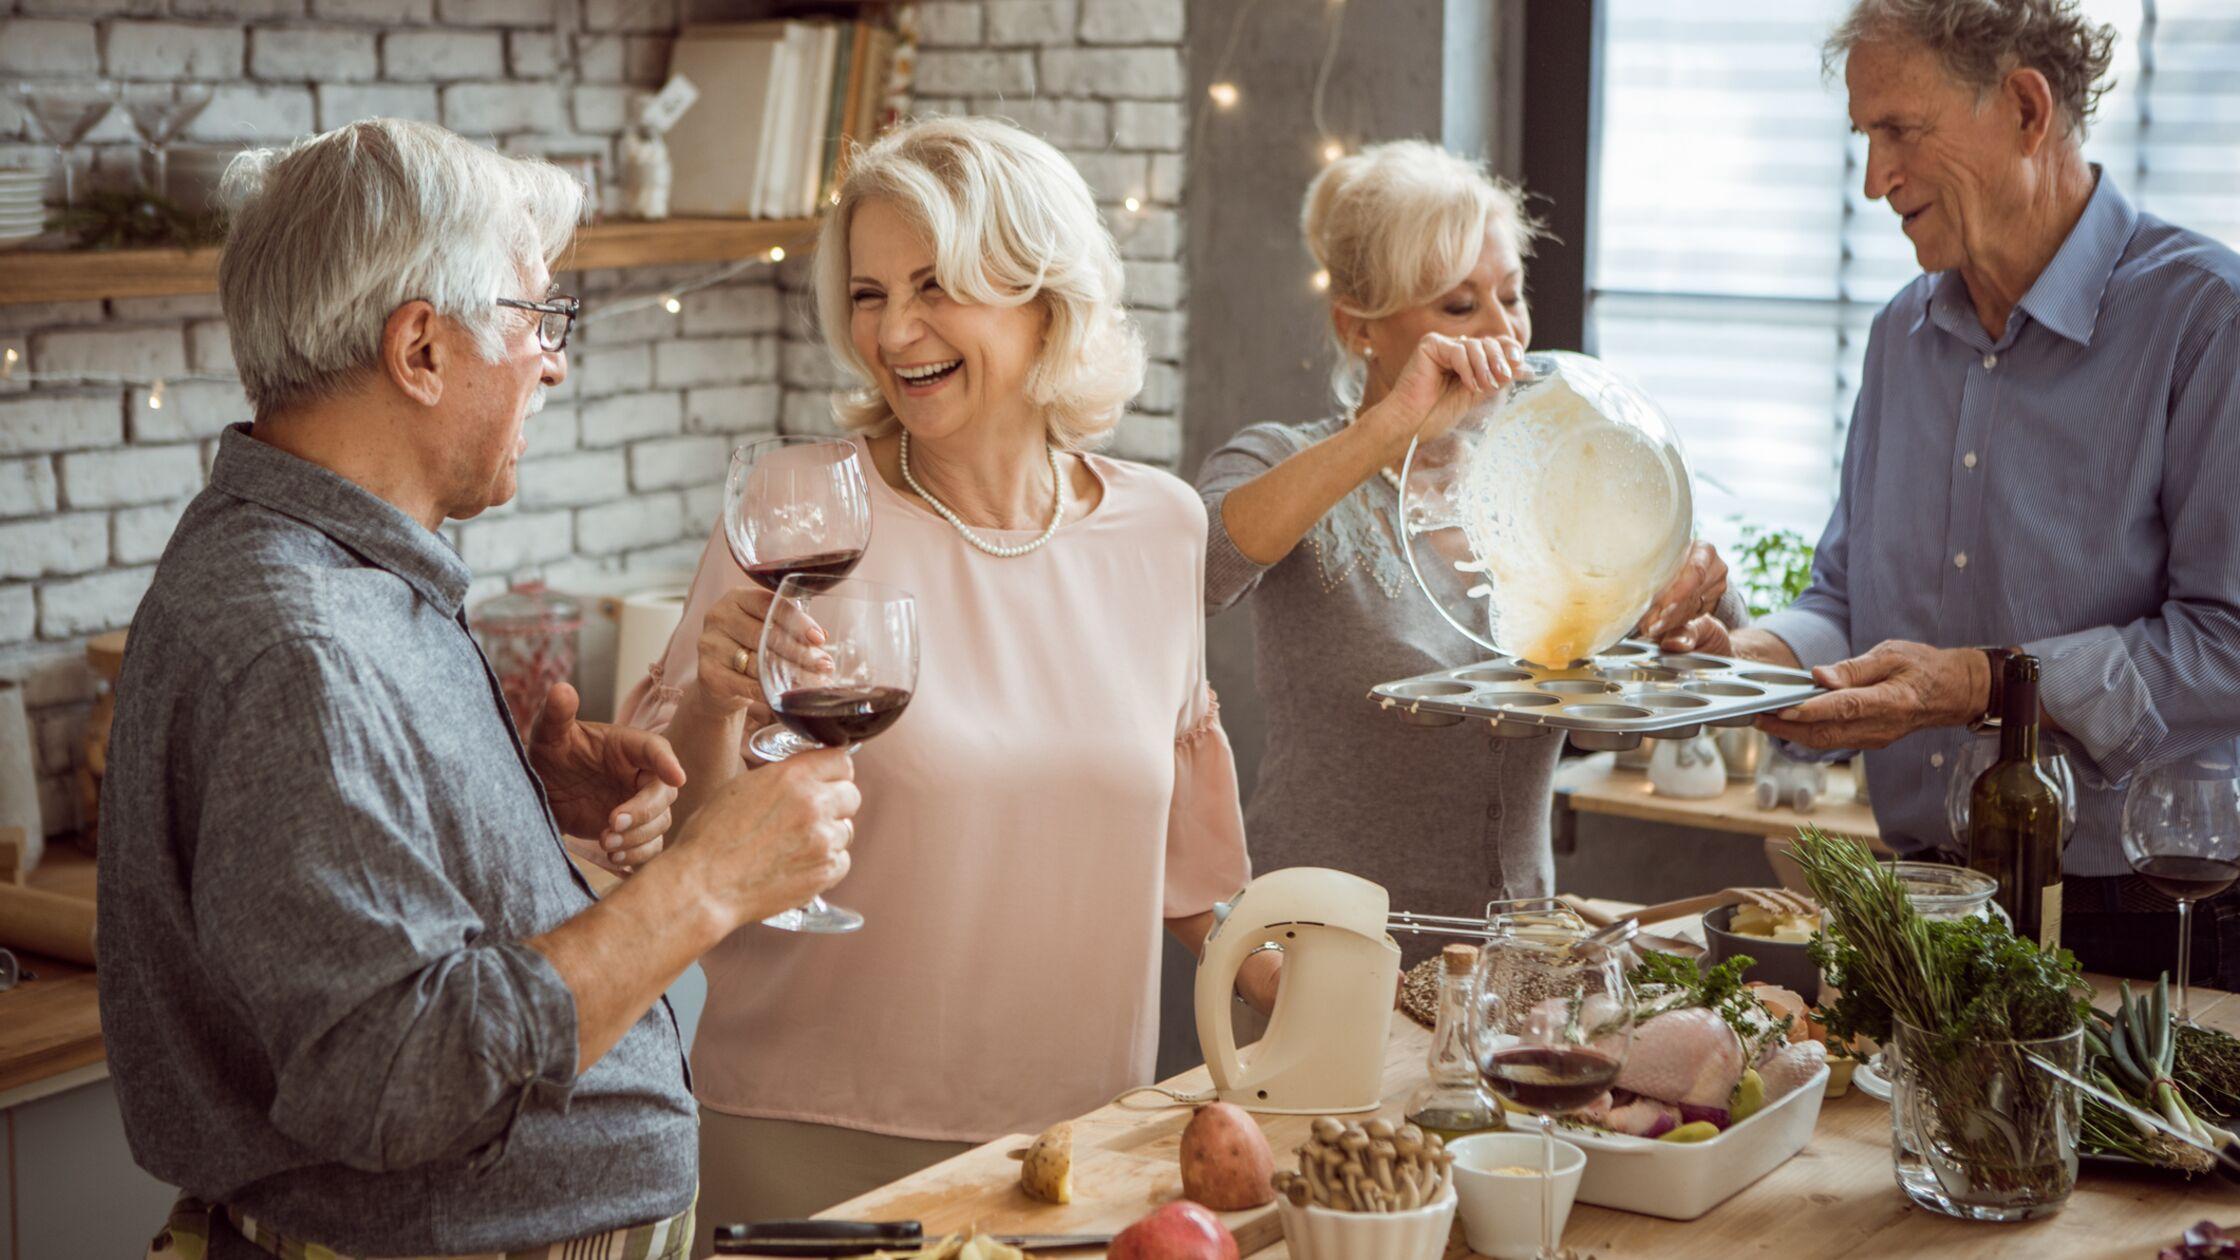 Senioren-WG: Modernes Lebenskonzept für Rentner und Best-Ager 50+